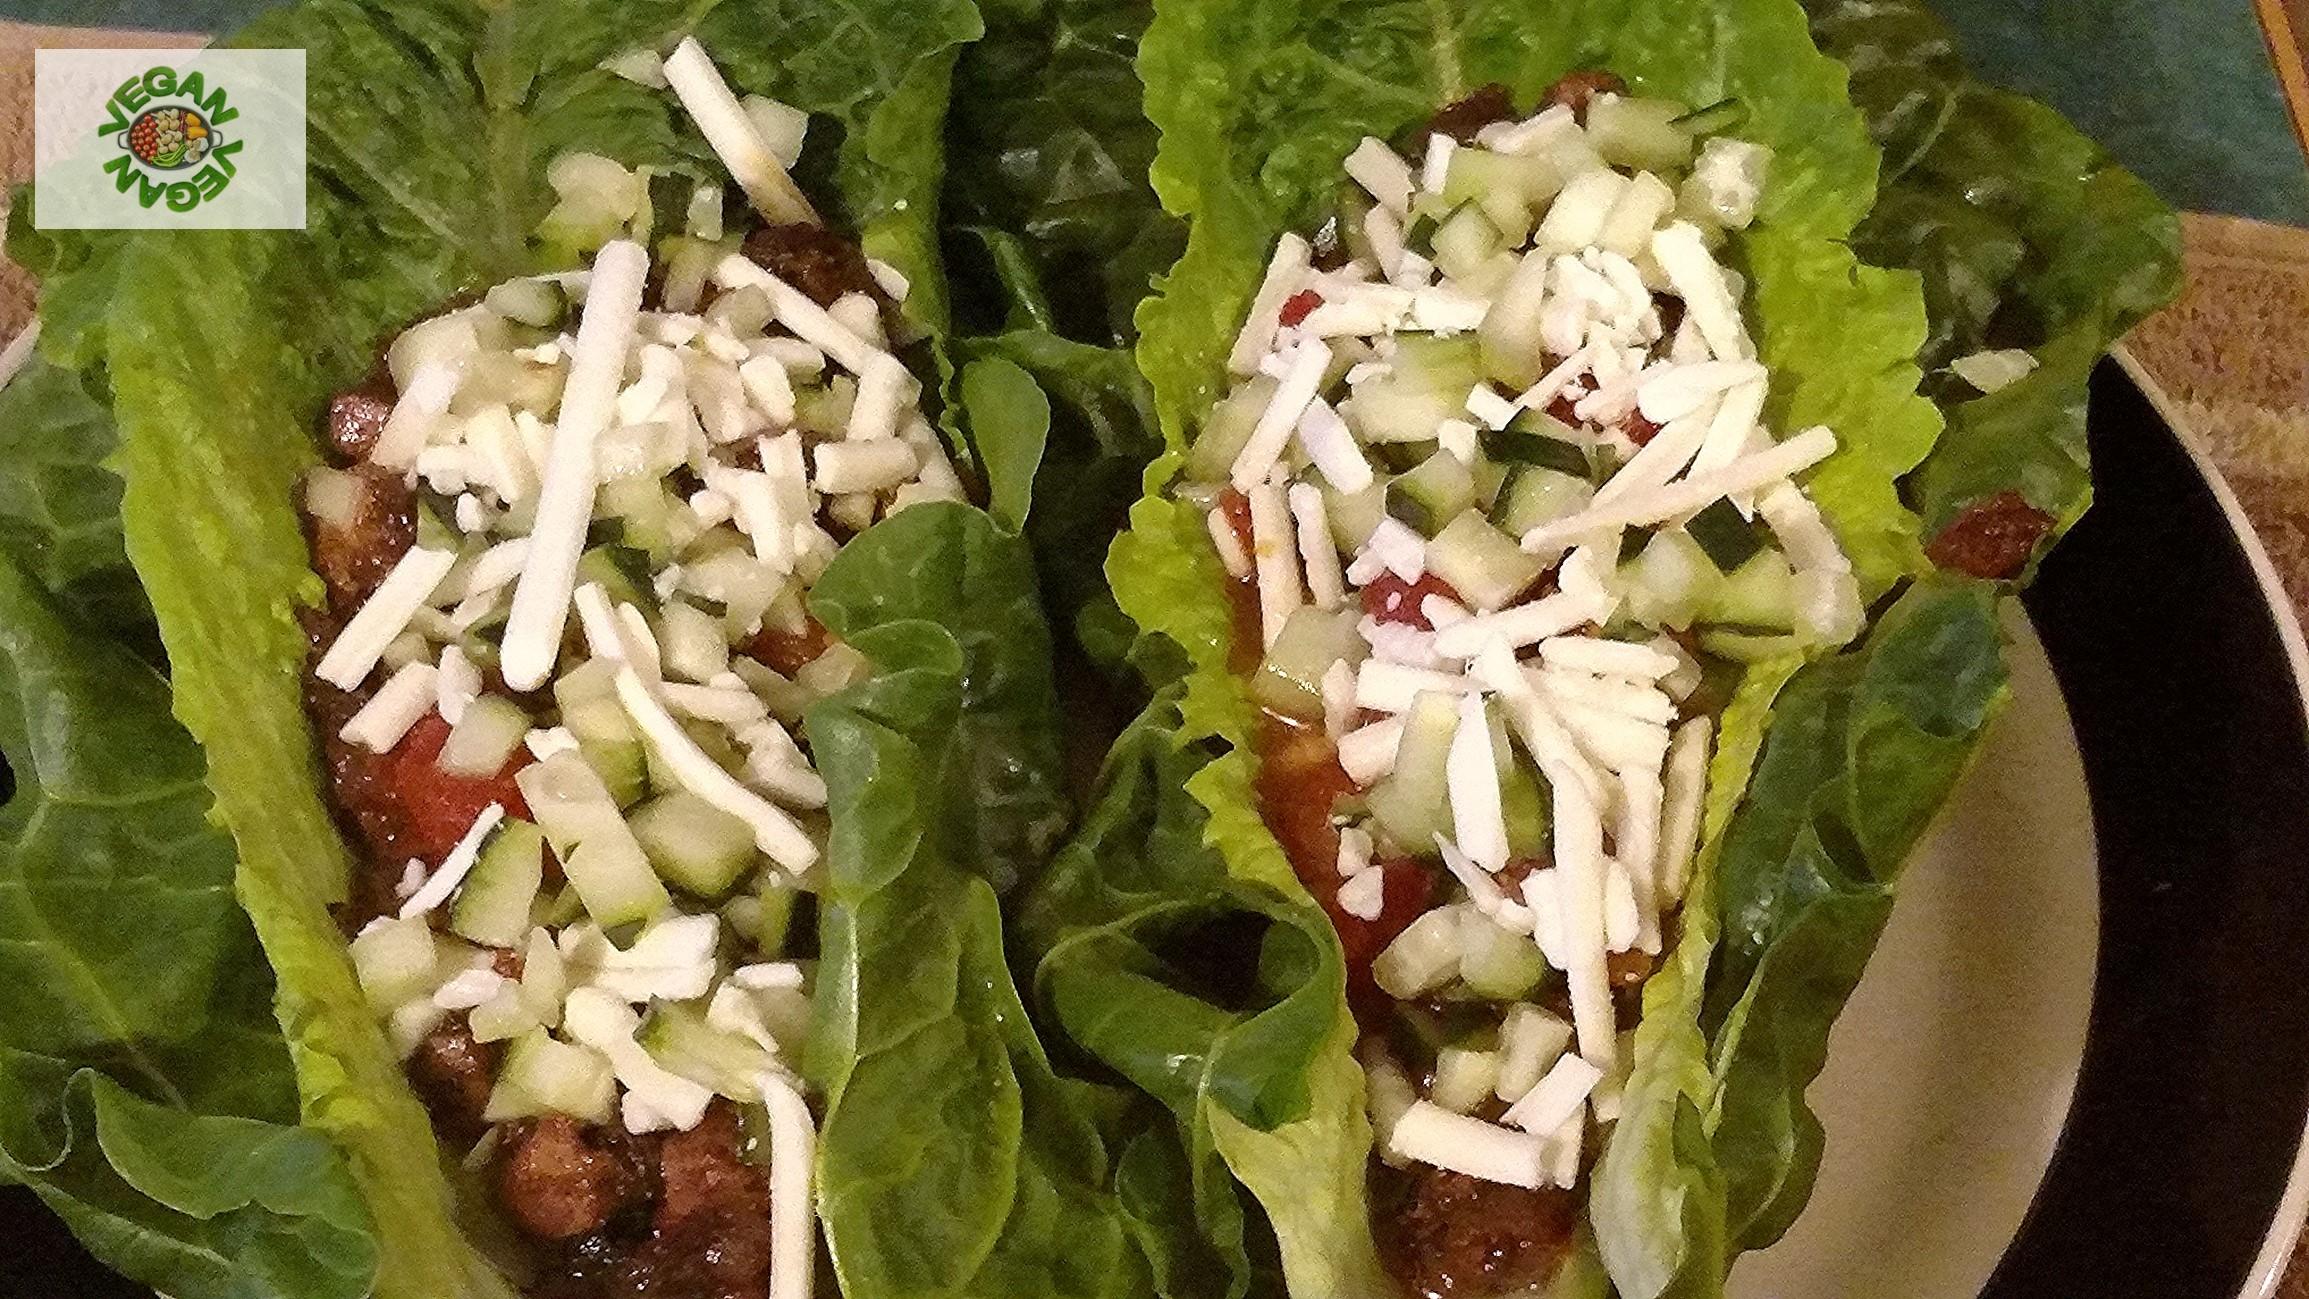 Vegan Tacos recipe in Lettuce Wraps